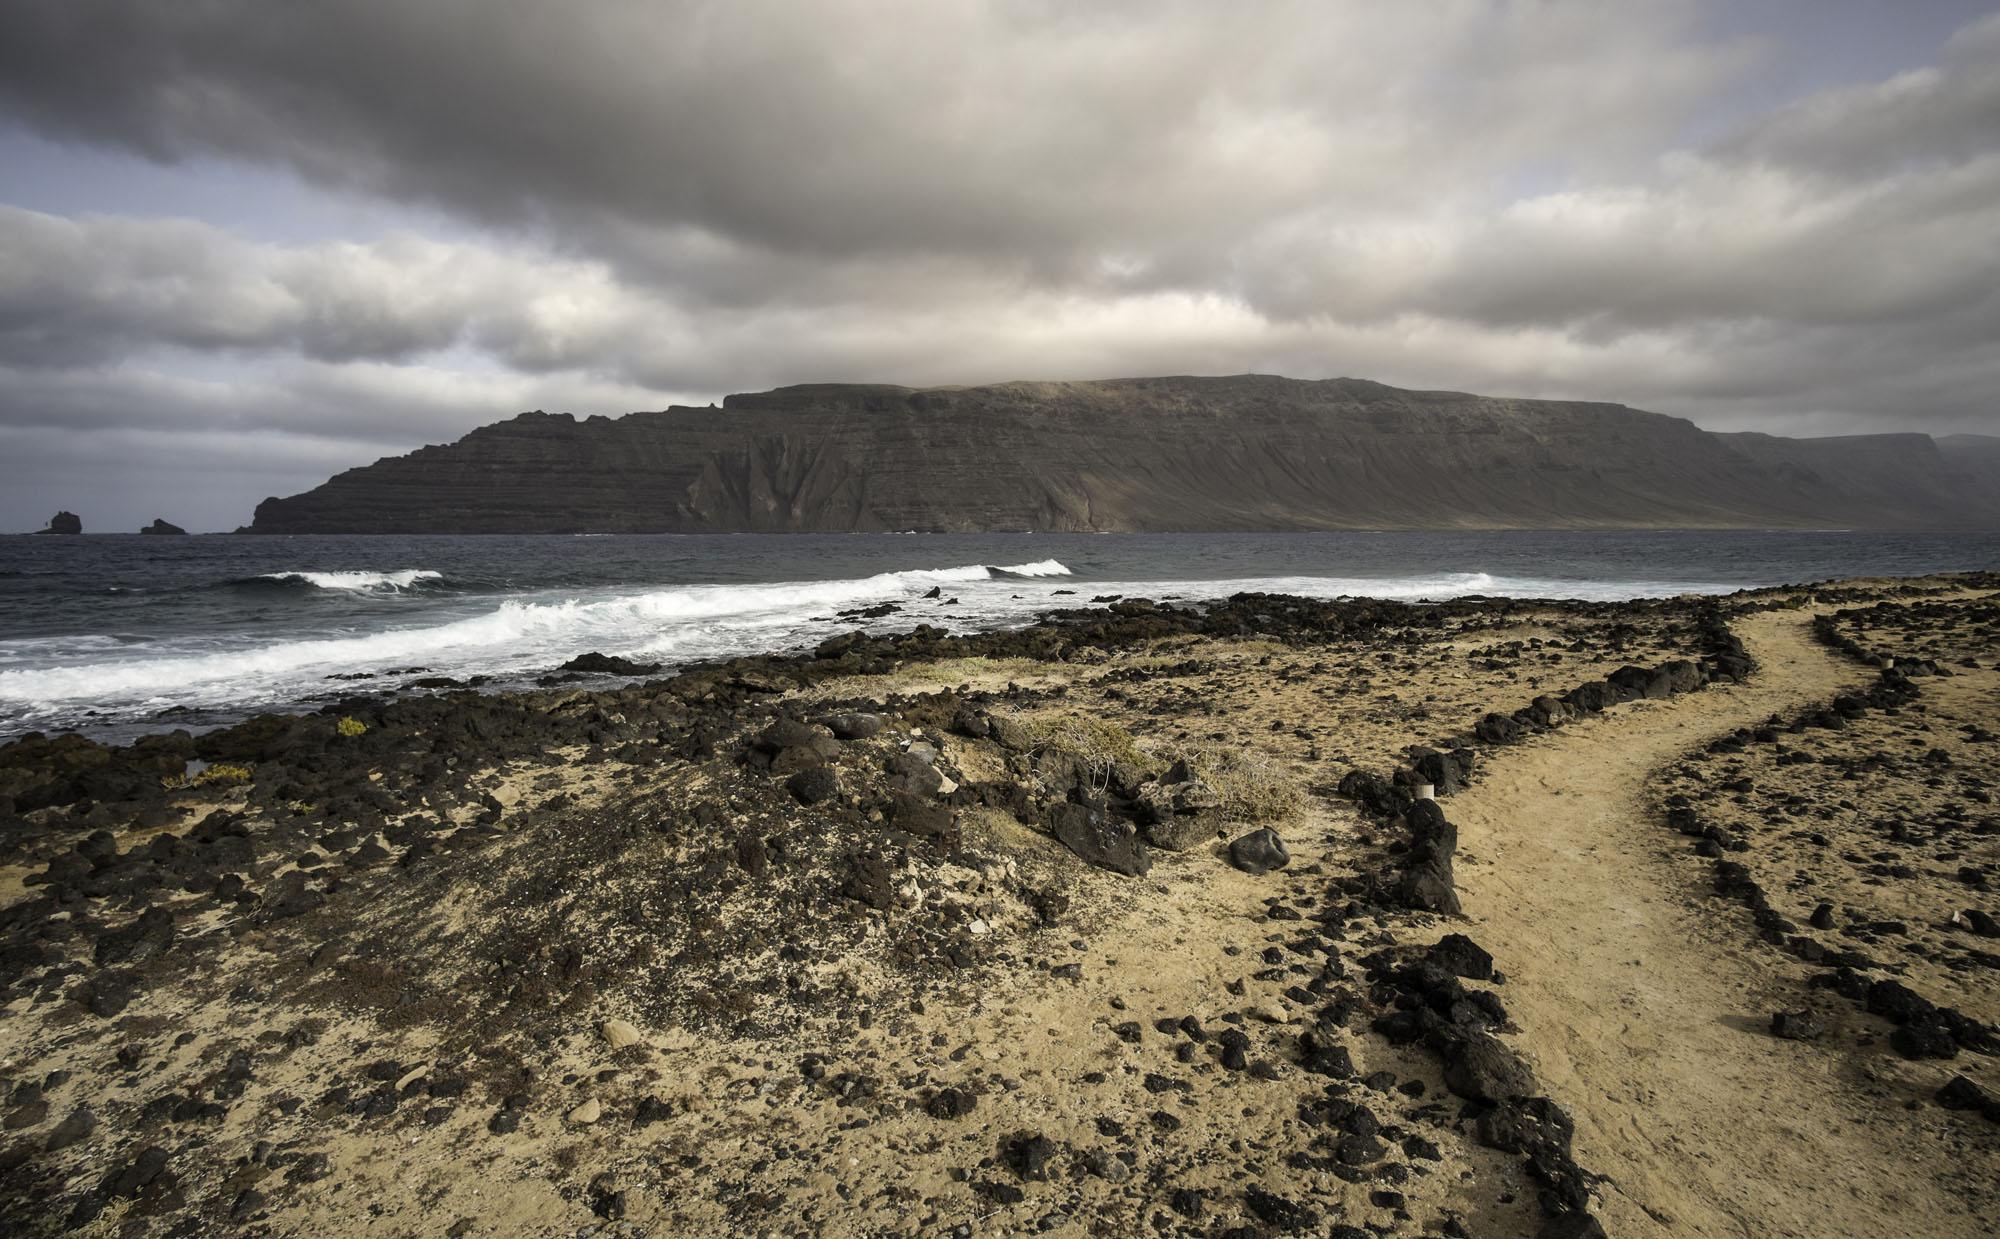 La isla de Lanzarote se divisa a lo lejos.